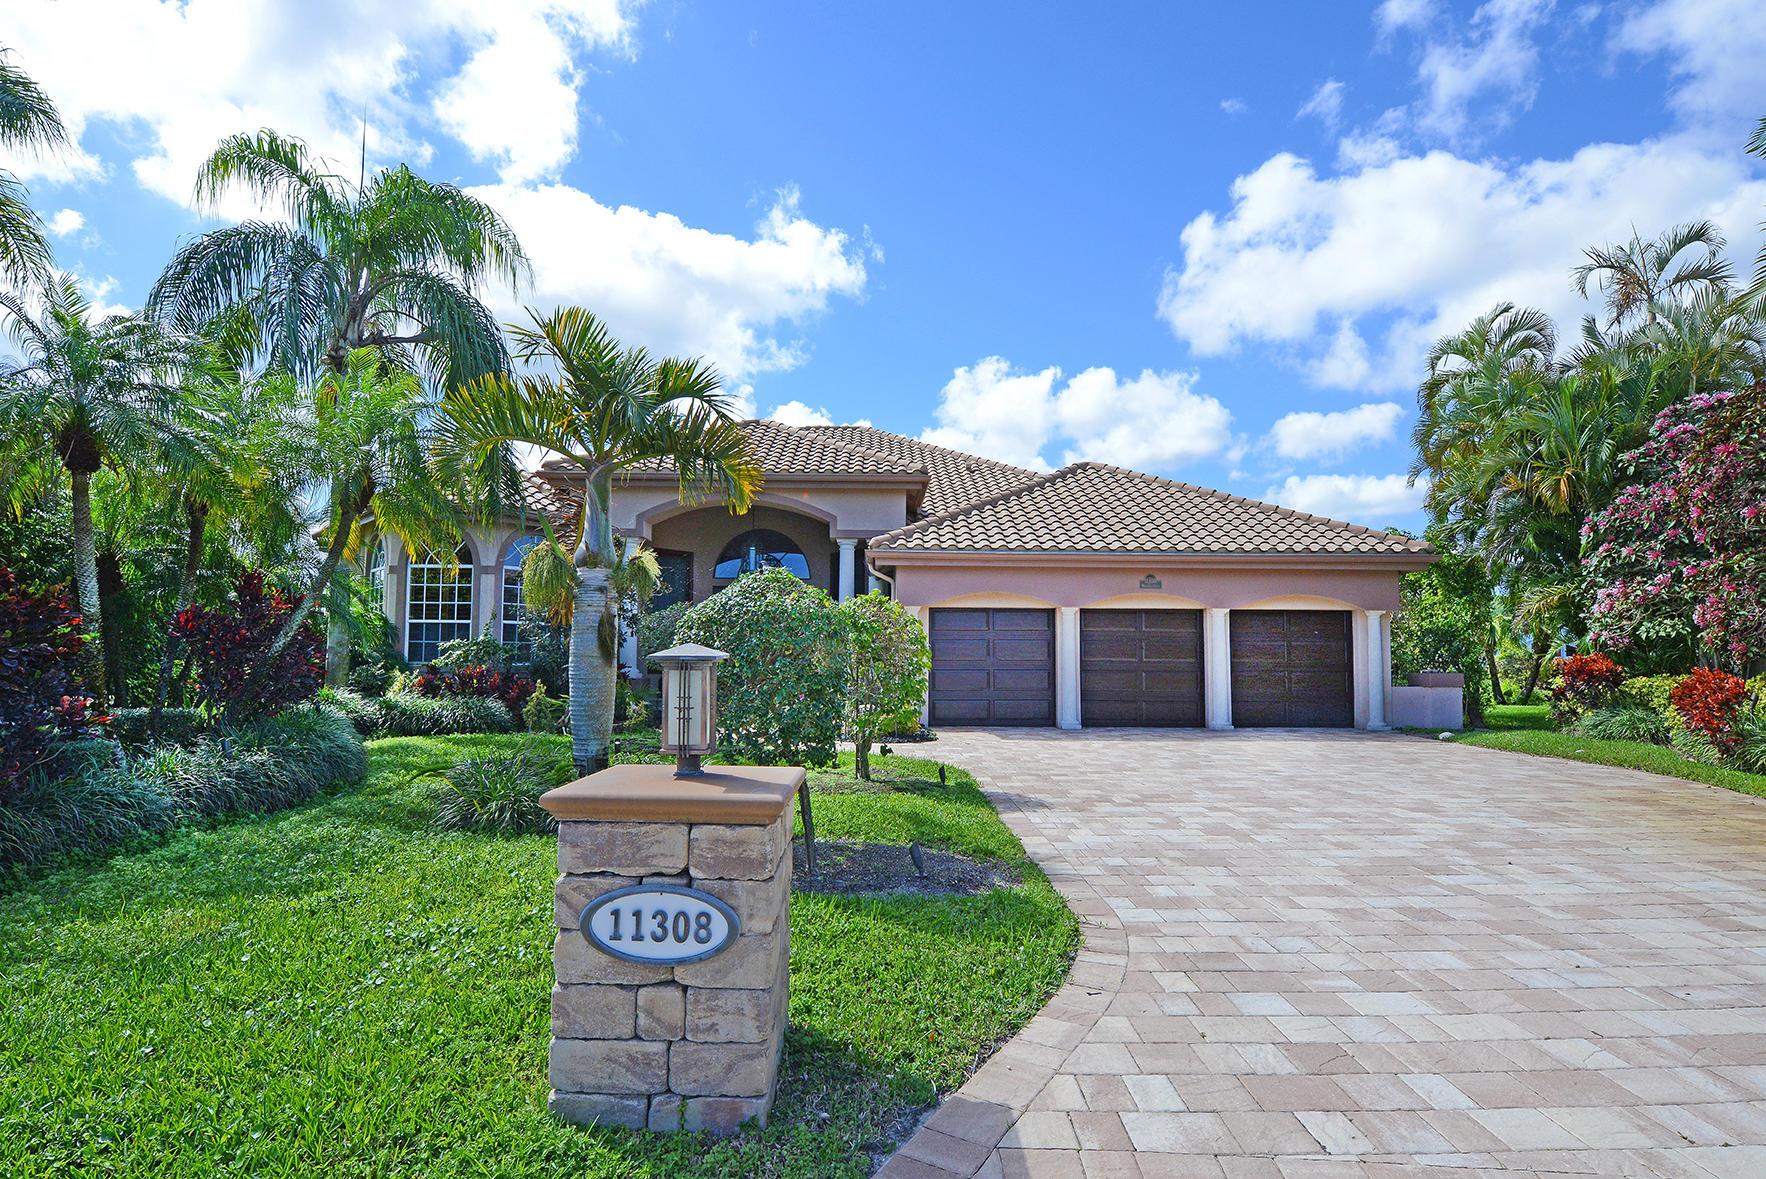 11308 Westland Circle  Boynton Beach FL 33437